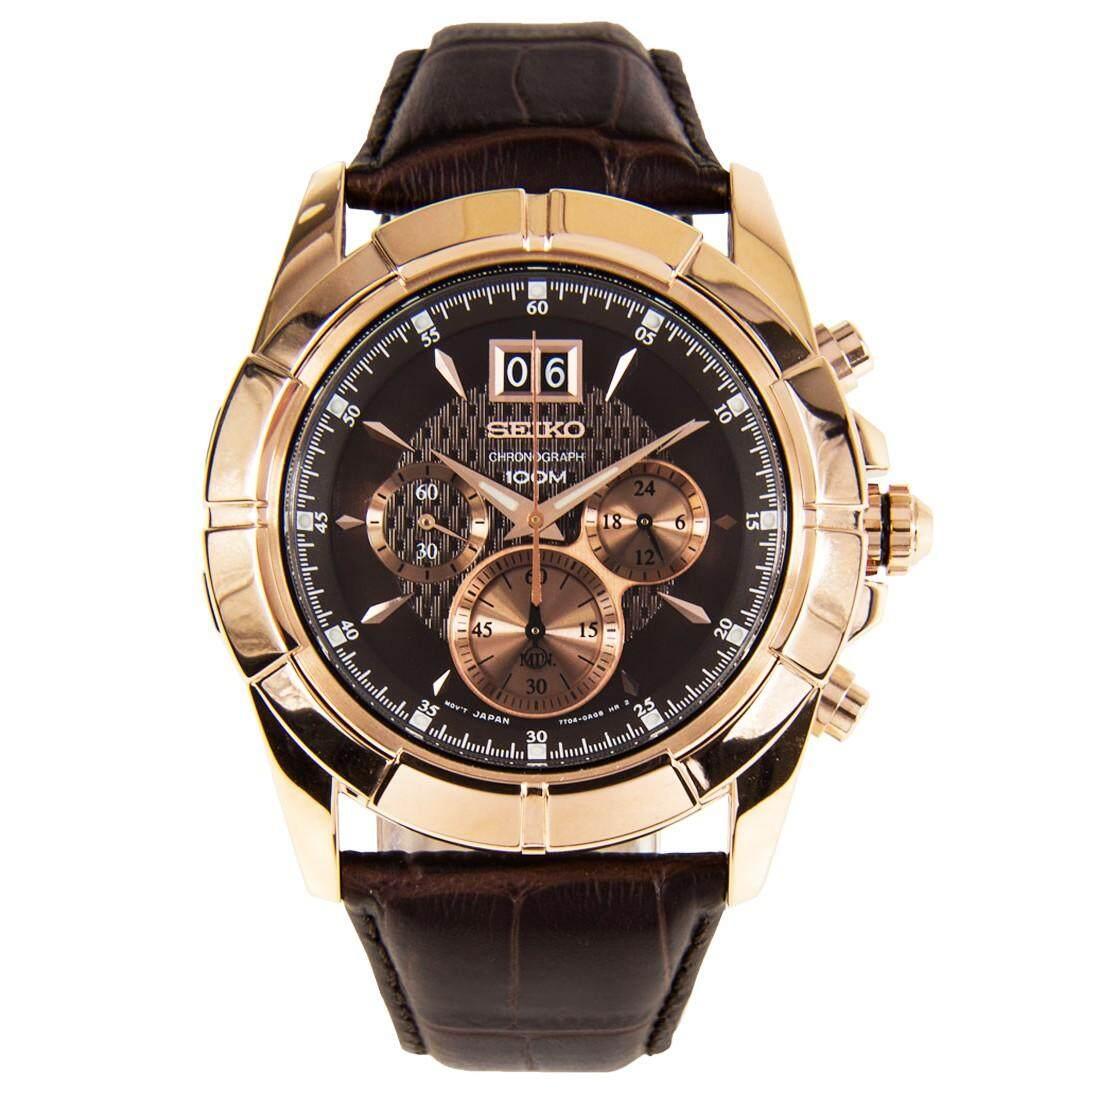 ยี่ห้อไหนดี  นครสวรรค์ Karnvera Shop SEIKO นาฬิกาข้อมือชาย  Chronograph Men s Watch SPC114P1